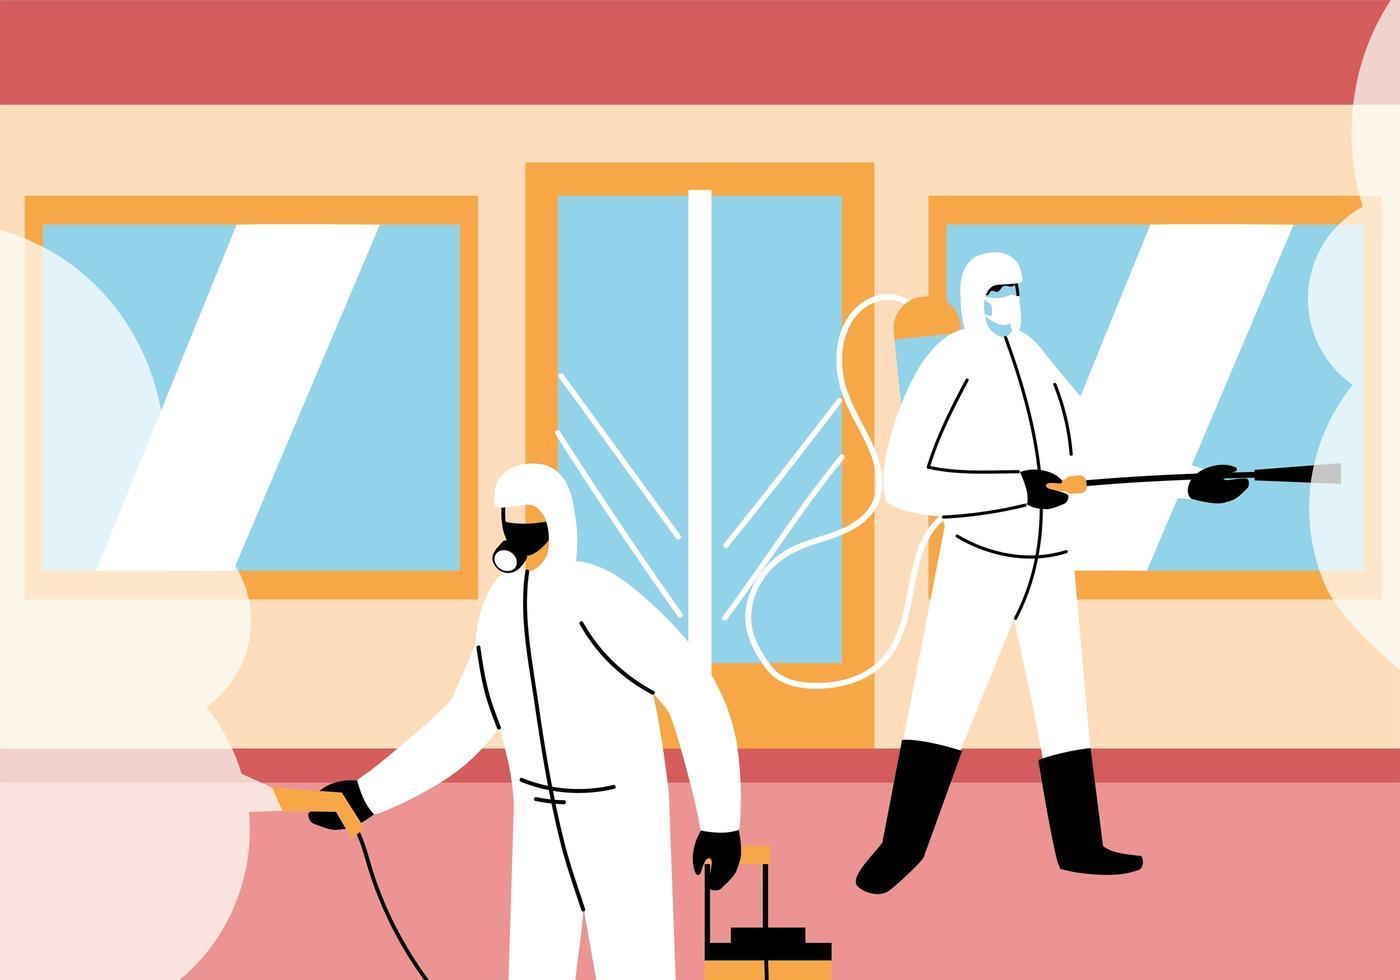 homens usam traje de proteção, conceito de limpeza e desinfecção vetor